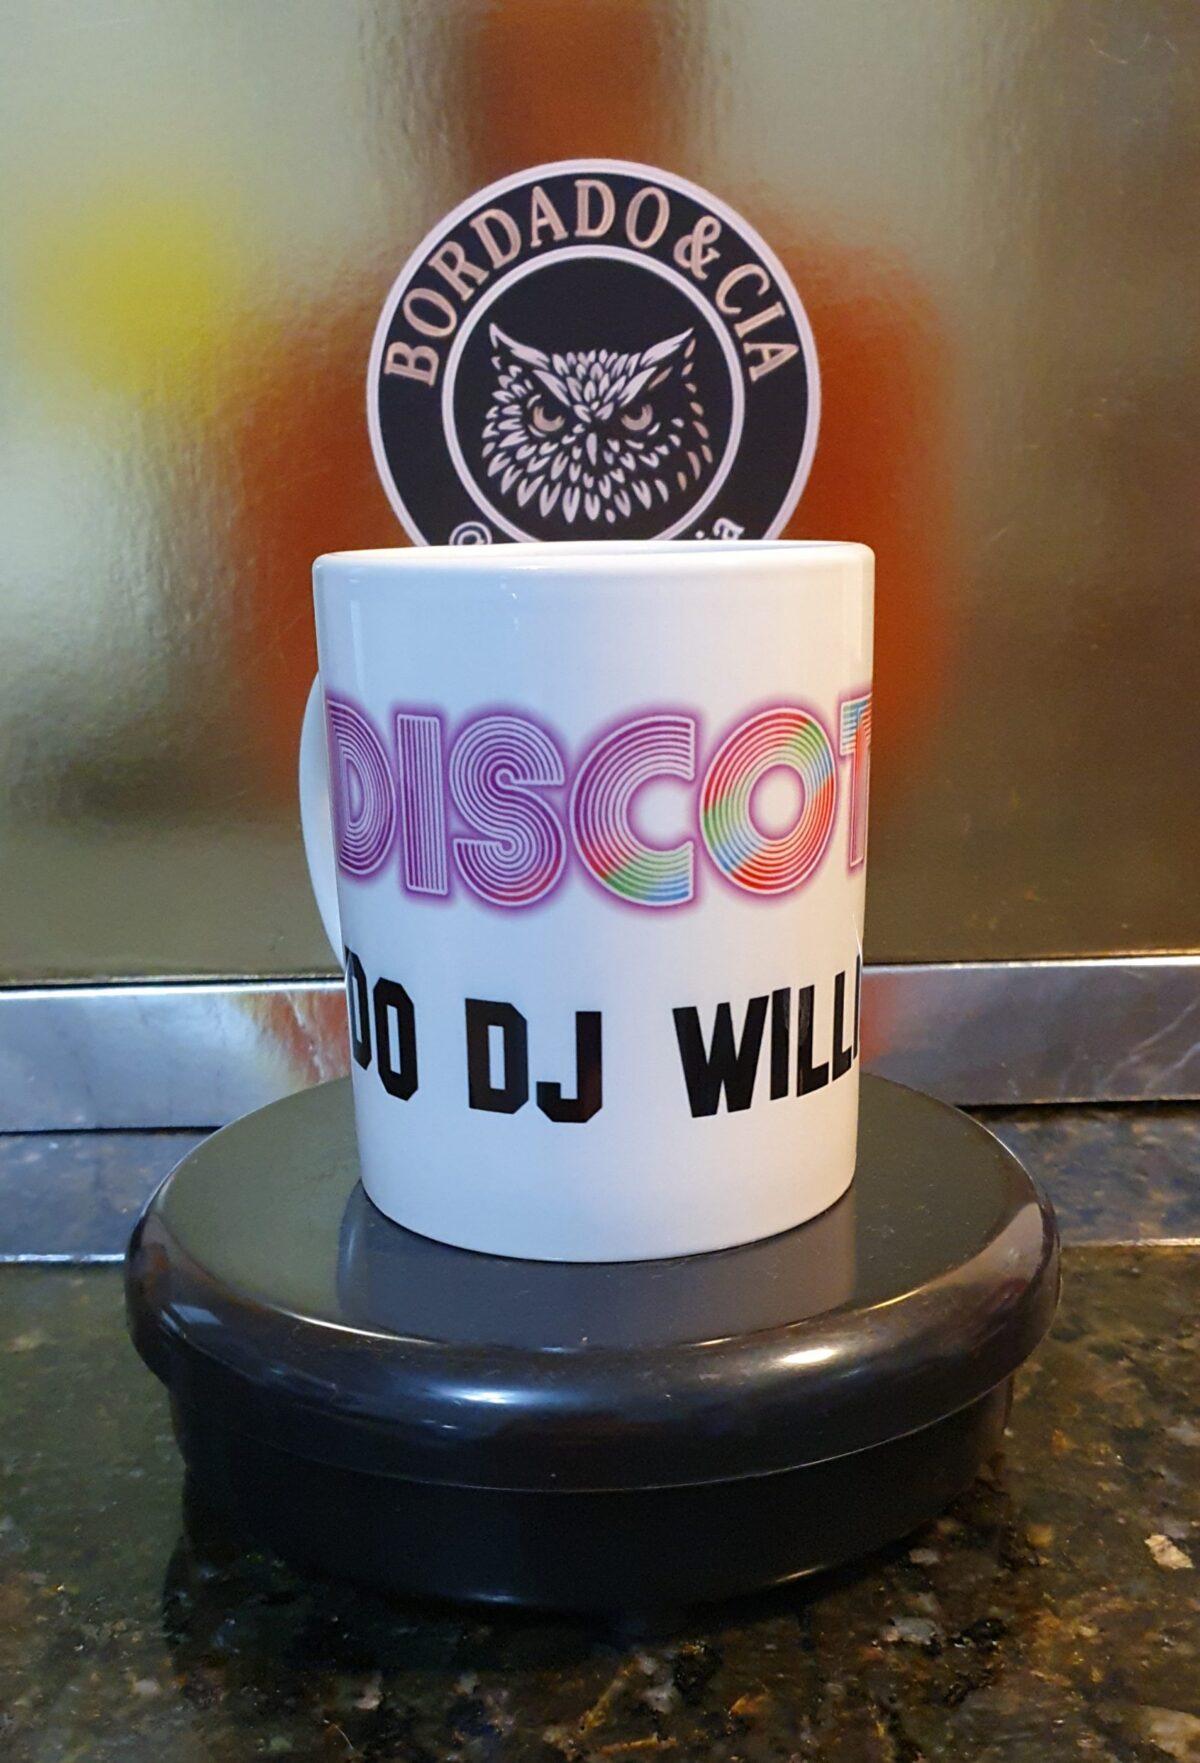 Caneca Oficial da Discoteca do DJ Willinha by Bordado & Cia - @bordado.cia @djwillinha